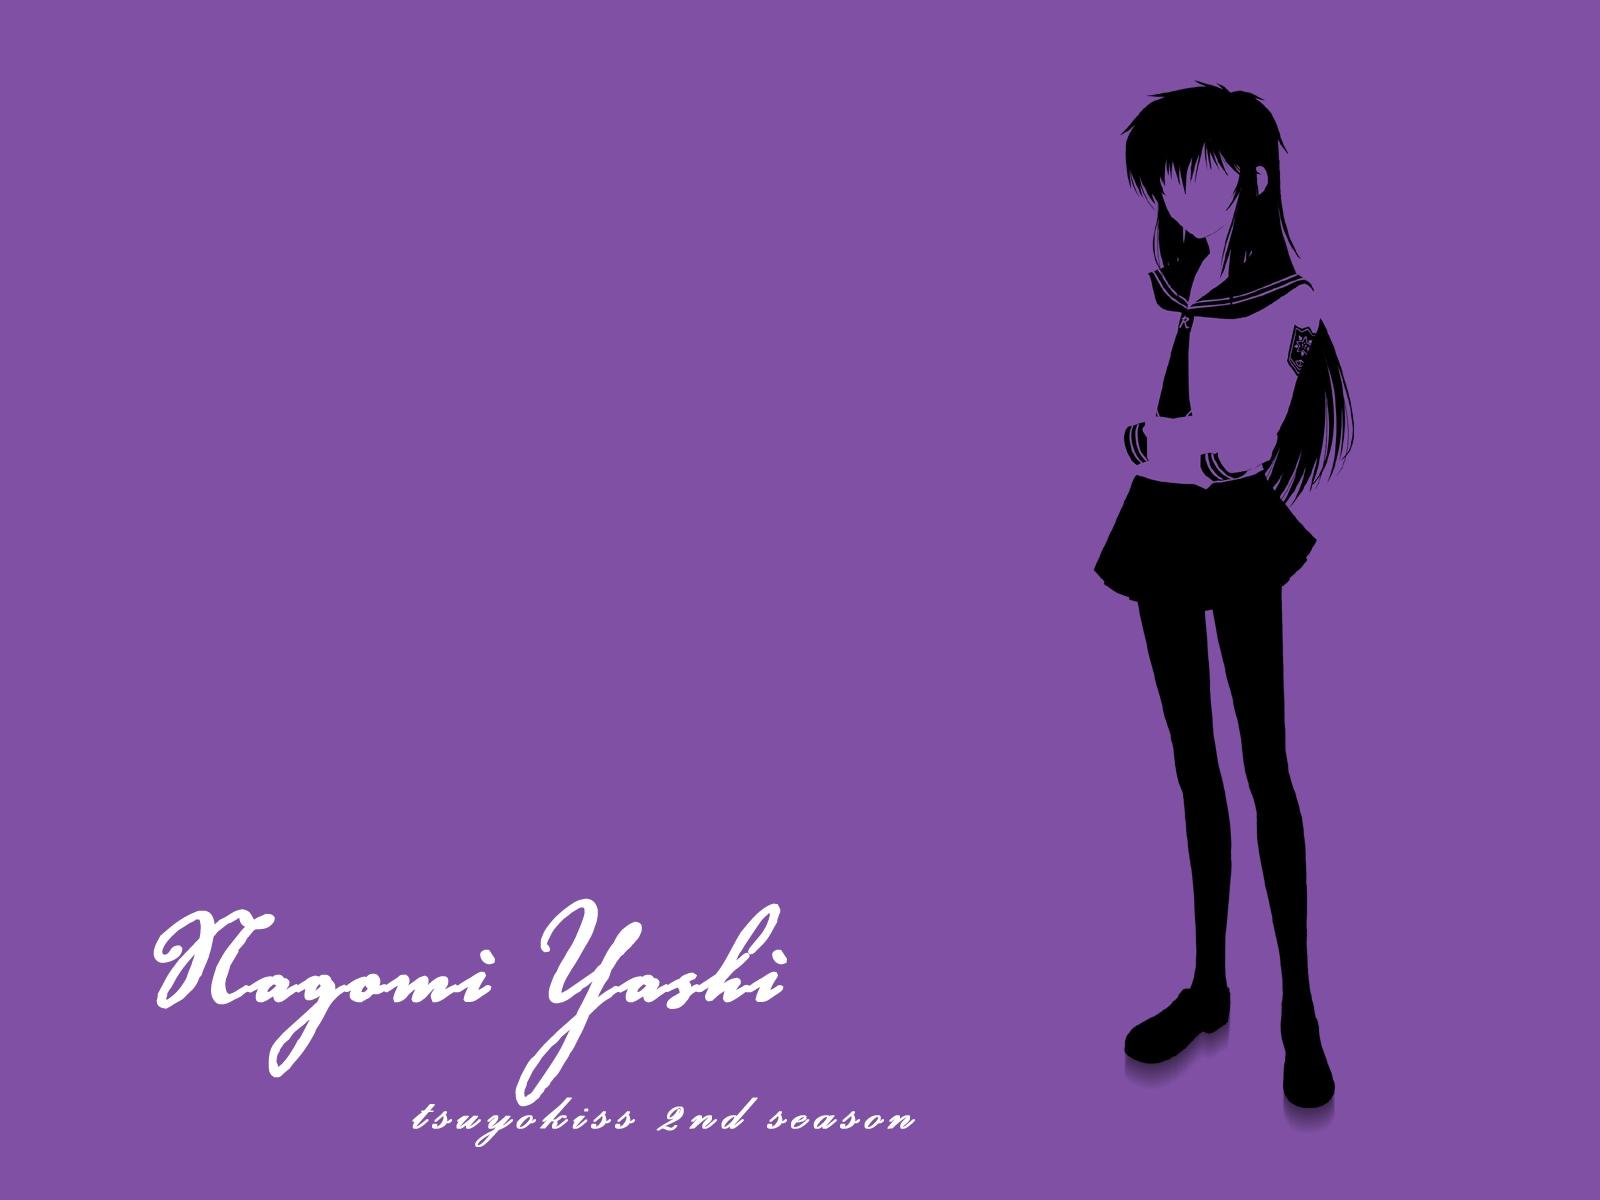 polychromatic purple tsuyokiss_cool_x_sweet yashi_nagomi